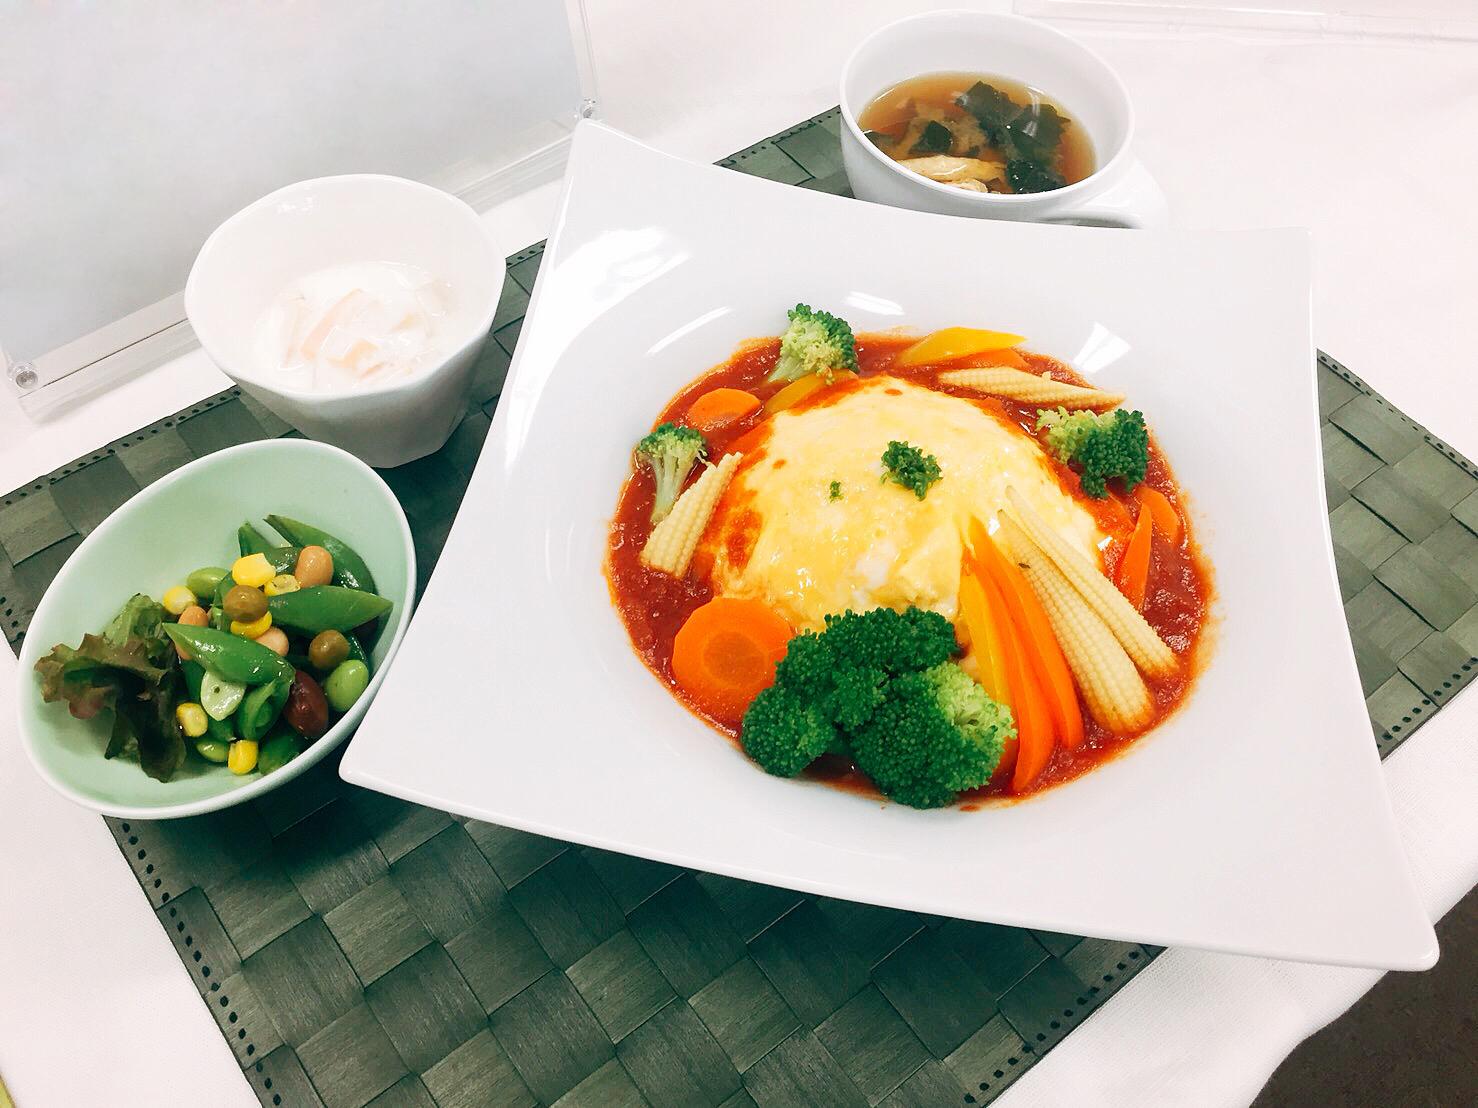 鶴川女子短期大学、2019年10月より野菜を多く使用した栄養満点の「ランチ」を無料提供! (2019年10月7日) - エキサイトニュース